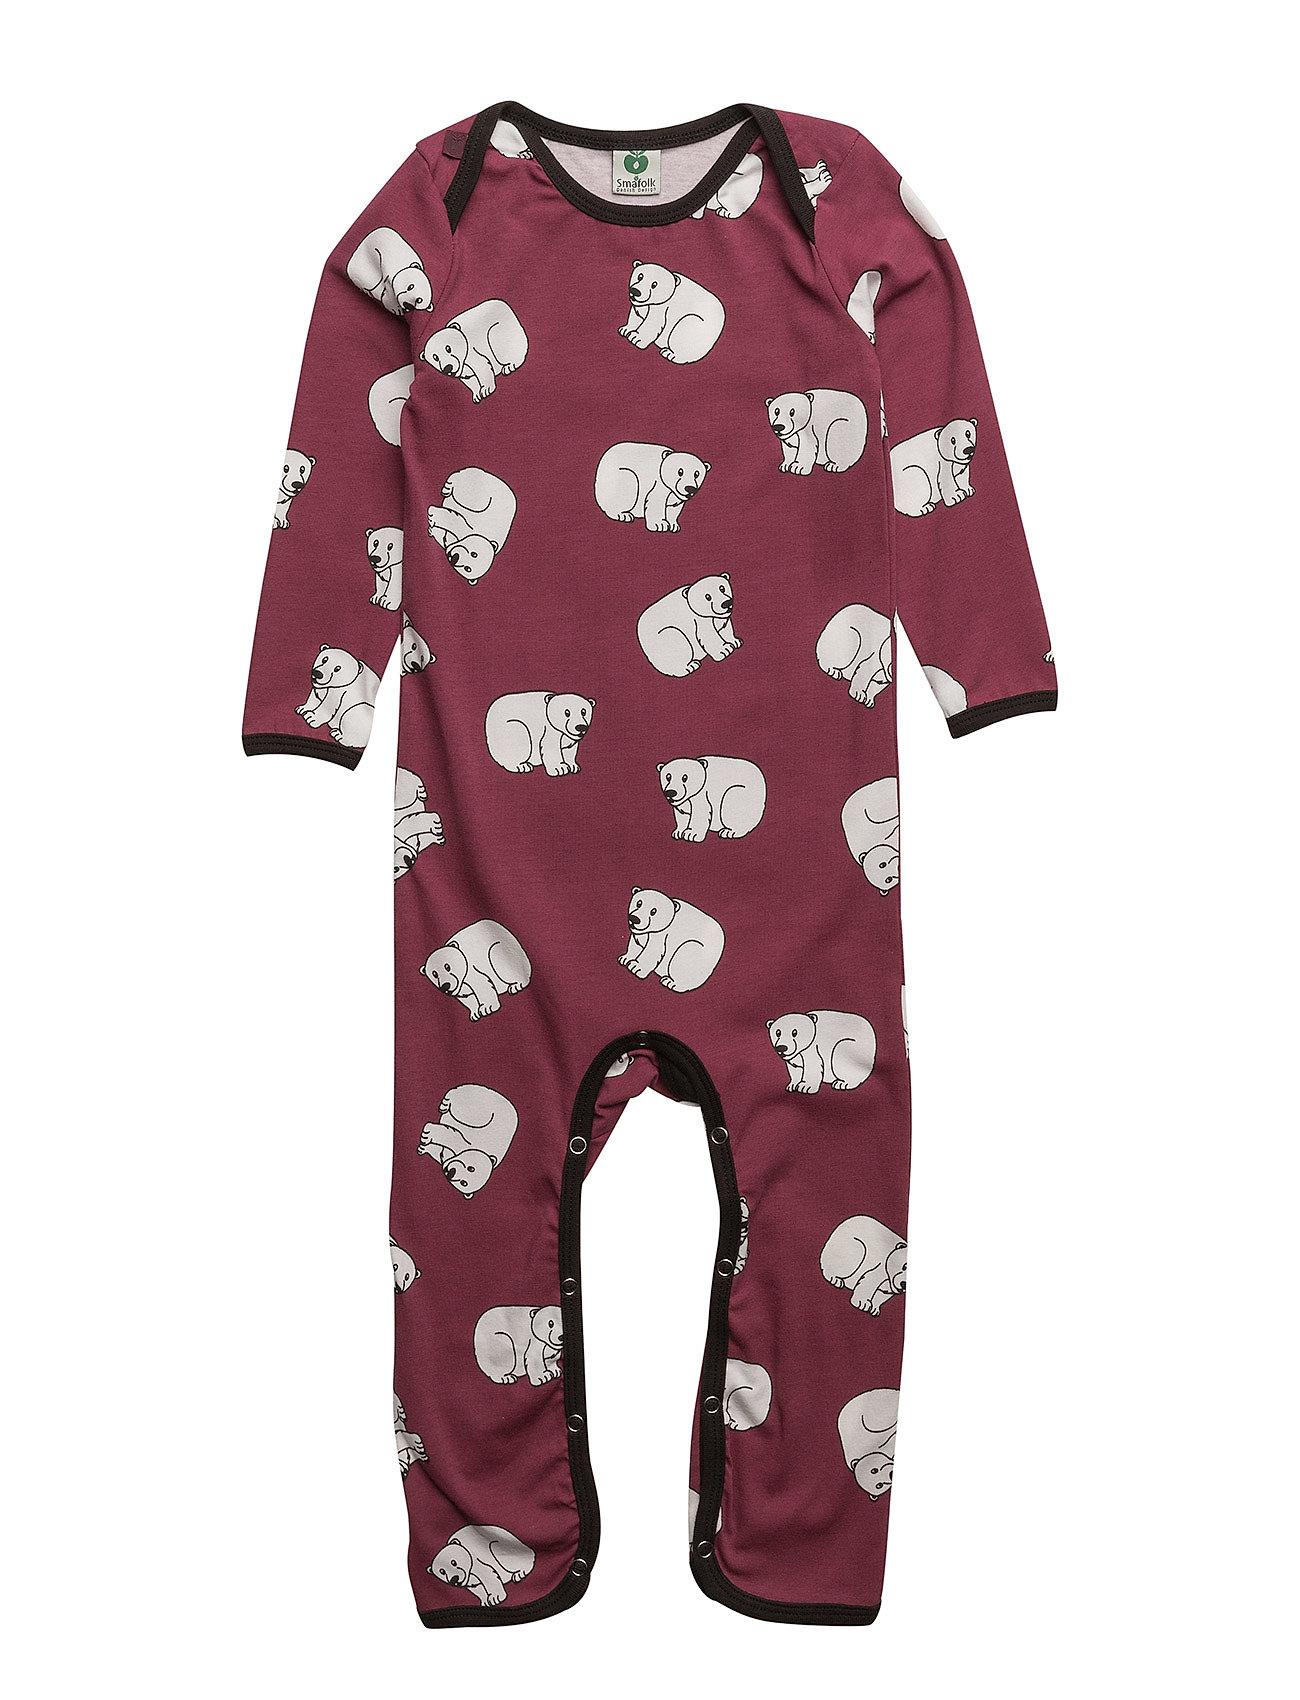 Body Suit With Polarbear SmÂfolk  til Børn i